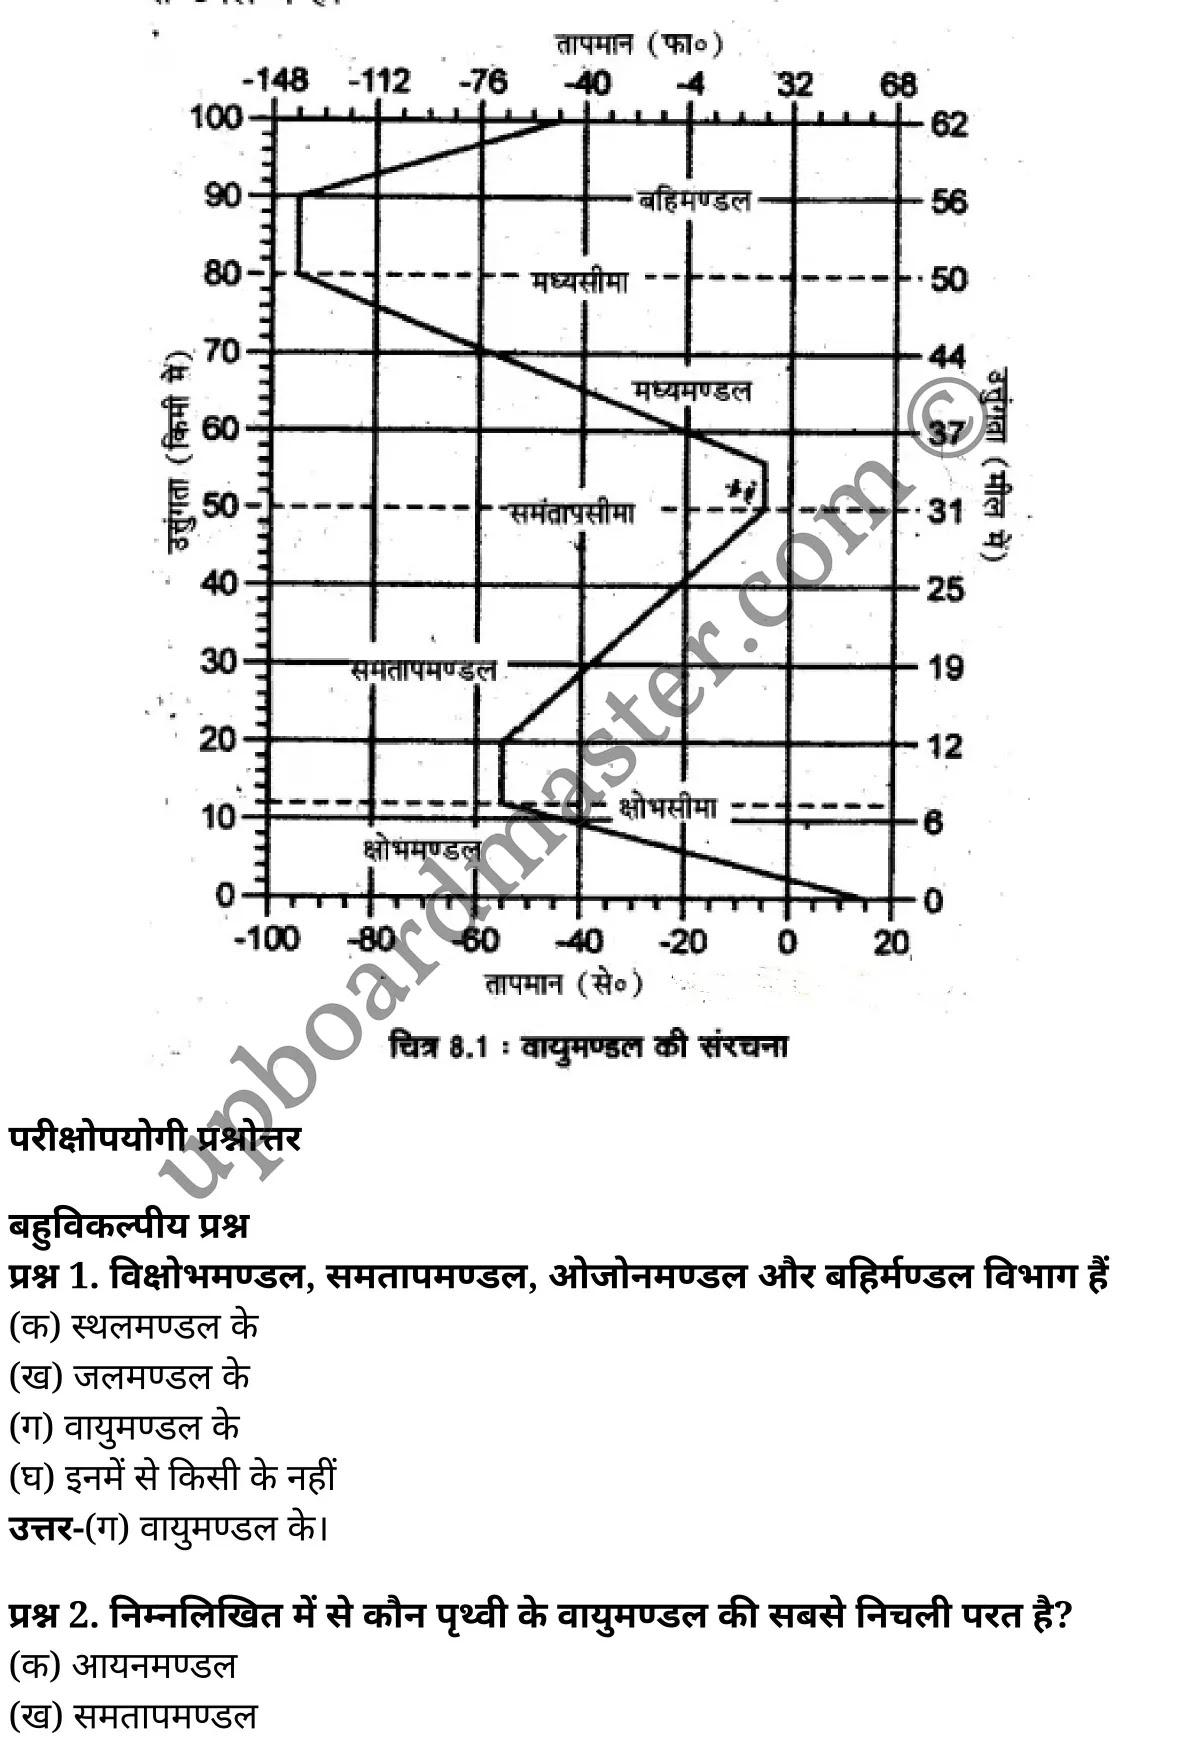 कक्षा 11 भूगोल अध्याय 8  के नोट्स  हिंदी में एनसीईआरटी समाधान,   class 11 geography chapter 8,  class 11 geography chapter 8 ncert solutions in geography,  class 11 geography chapter 8 notes in hindi,  class 11 geography chapter 8 question answer,  class 11 geography  chapter 8 notes,  class 11 geography  chapter 8 class 11 geography  chapter 8 in  hindi,   class 11 geography chapter 8 important questions in  hindi,  class 11 geography hindi  chapter 8 notes in hindi,   class 11 geography  chapter 8 test,  class 11 sahityik hindi  chapter 8 class 11 geography  chapter 8 pdf,  class 11 geography chapter 8 notes pdf,  class 11 geography  chapter 8 exercise solutions,  class 11 geography  chapter 8, class 11 geography  chapter 8 notes study rankers,  class 11 geography  chapter 8 notes,  class 11 geography hindi  chapter 8 notes,   class 11 geography chapter 8  class 11  notes pdf,  class 11 geography  chapter 8 class 11  notes  ncert,  class 11 geography  chapter 8 class 11 pdf,  class 11 geography chapter 8  book,  class 11 geography chapter 8 quiz class 11  ,     11  th class 11 geography chapter 8    book up board,   up board 11  th class 11 geography chapter 8 notes,  कक्षा 11 भूगोल अध्याय 8 , कक्षा 11 भूगोल, कक्षा 11 भूगोल अध्याय 8  के नोट्स हिंदी में, कक्षा 11 का भूगोल अध्याय 8 का प्रश्न उत्तर, कक्षा 11 भूगोल अध्याय 8 के नोट्स, 11 कक्षा भूगोल 8  हिंदी में,कक्षा 11 भूगोल अध्याय 8  हिंदी में, कक्षा 11 भूगोल अध्याय 8  महत्वपूर्ण प्रश्न हिंदी में,कक्षा 11 भूगोल  हिंदी के नोट्स  हिंदी में,भूगोल हिंदी कक्षा 11 नोट्स pdf,   भूगोल हिंदी  कक्षा 11 नोट्स 2021 ncert,  भूगोल हिंदी  कक्षा 11 pdf,  भूगोल हिंदी  पुस्तक,  भूगोल हिंदी की बुक,  भूगोल हिंदी  प्रश्नोत्तरी class 11 , 11   वीं भूगोल  पुस्तक up board,  बिहार बोर्ड 11  पुस्तक वीं भूगोल नोट्स,   भूगोल  कक्षा 11 नोट्स 2021 ncert,  भूगोल  कक्षा 11 pdf,  भूगोल  पुस्तक,  भूगोल की बुक,  भूगोल  प्रश्नोत्तरी class 11,   11th geography   book in hindi,11th geography notes in hindi,cbse books for class 11  ,cbse books in hindi,c